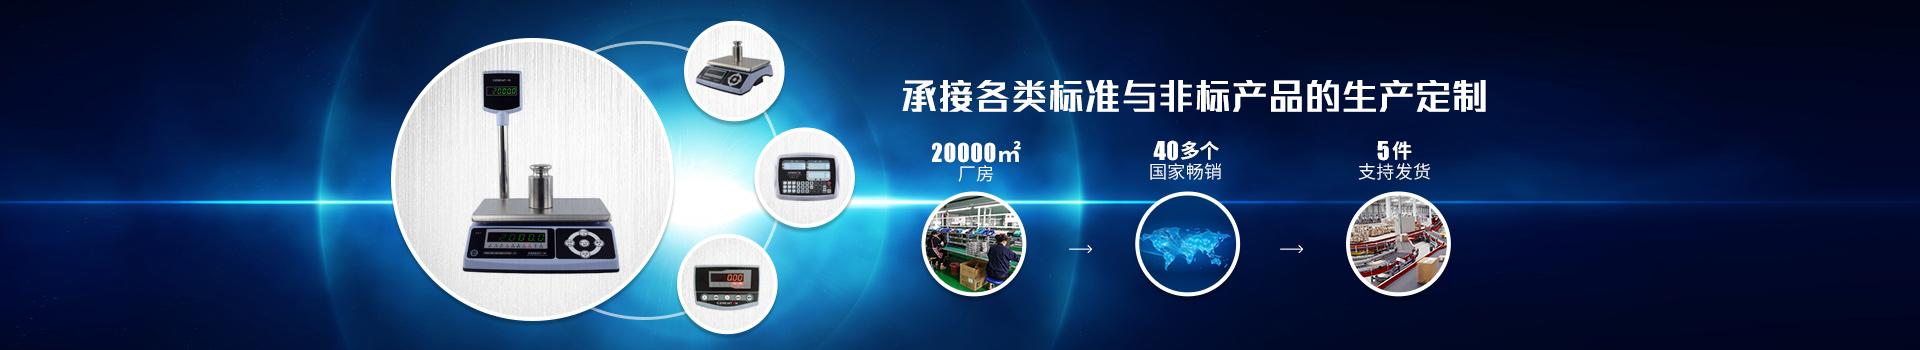 亿东-承接各类标准与非标产品的生产定制